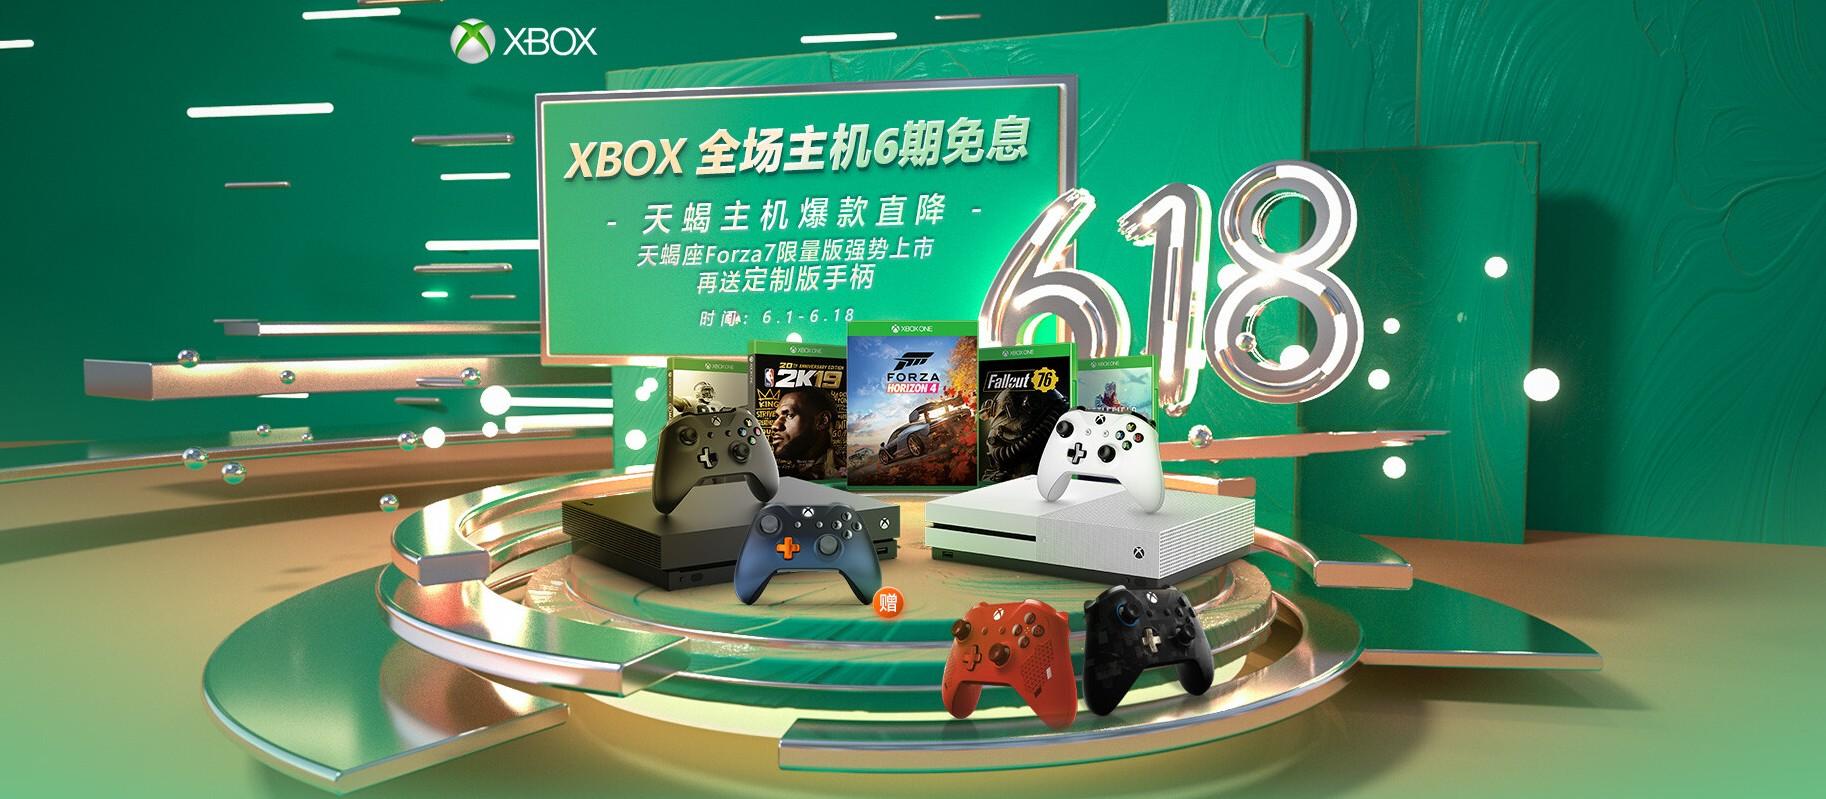 Xbox开启6·18活动:买主机就送大作 各种周边内容满满